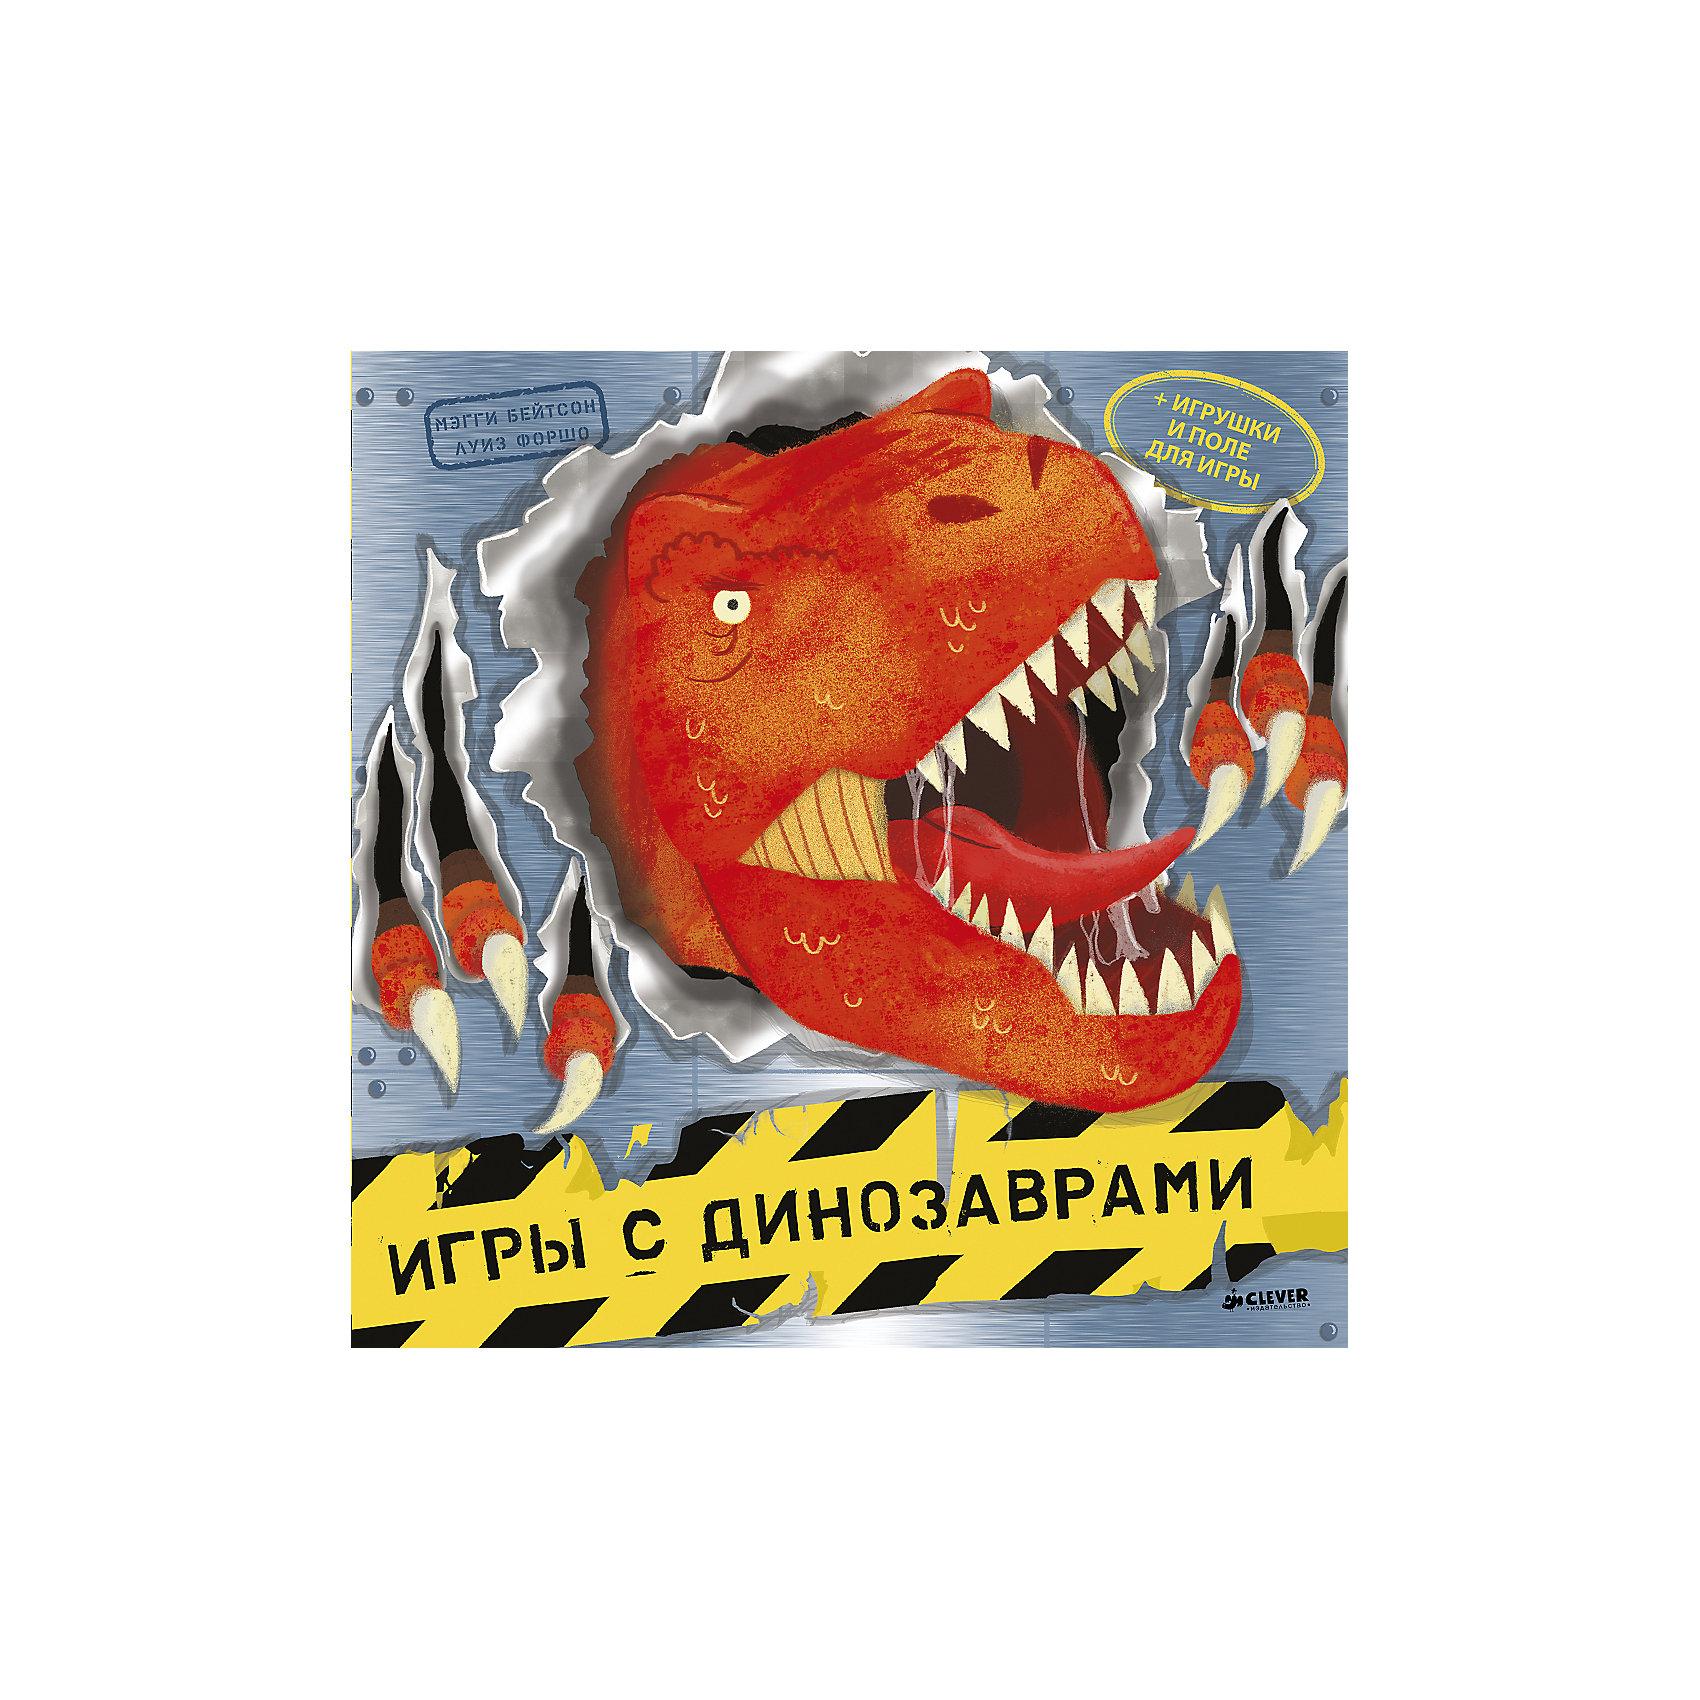 Игры с динозаврамиМногие малыши мечтали побывать в прошлом и познакомиться с таинственным и загадочным миром динозавров. С новой книгой «Игры с динозаврами» можно не только посмотреть манящий  мир юрского периода, но и самому разыграть сценки с обитателями того времени. Книга – уникальный театр у вас дома. Объемные страницы превращаются в сцену театра прямо на столе. Играйте, фантазируйте и погружайтесь в мир зубастых существ! Книга подходит для чтения, игры и развития. Издание будет интересно малышам от четырех лет. Набор развивает творческие способности, воображение и мелкую моторику малыша. <br><br>Дополнительная информация:<br><br>формат: 22 ? 29 см;<br>возраст: 4+.<br><br>Книгу «Игры с динозаврами» можно приобрести в нашем магазине.<br><br>Ширина мм: 282<br>Глубина мм: 277<br>Высота мм: 10<br>Вес г: 611<br>Возраст от месяцев: 48<br>Возраст до месяцев: 72<br>Пол: Унисекс<br>Возраст: Детский<br>SKU: 4976119